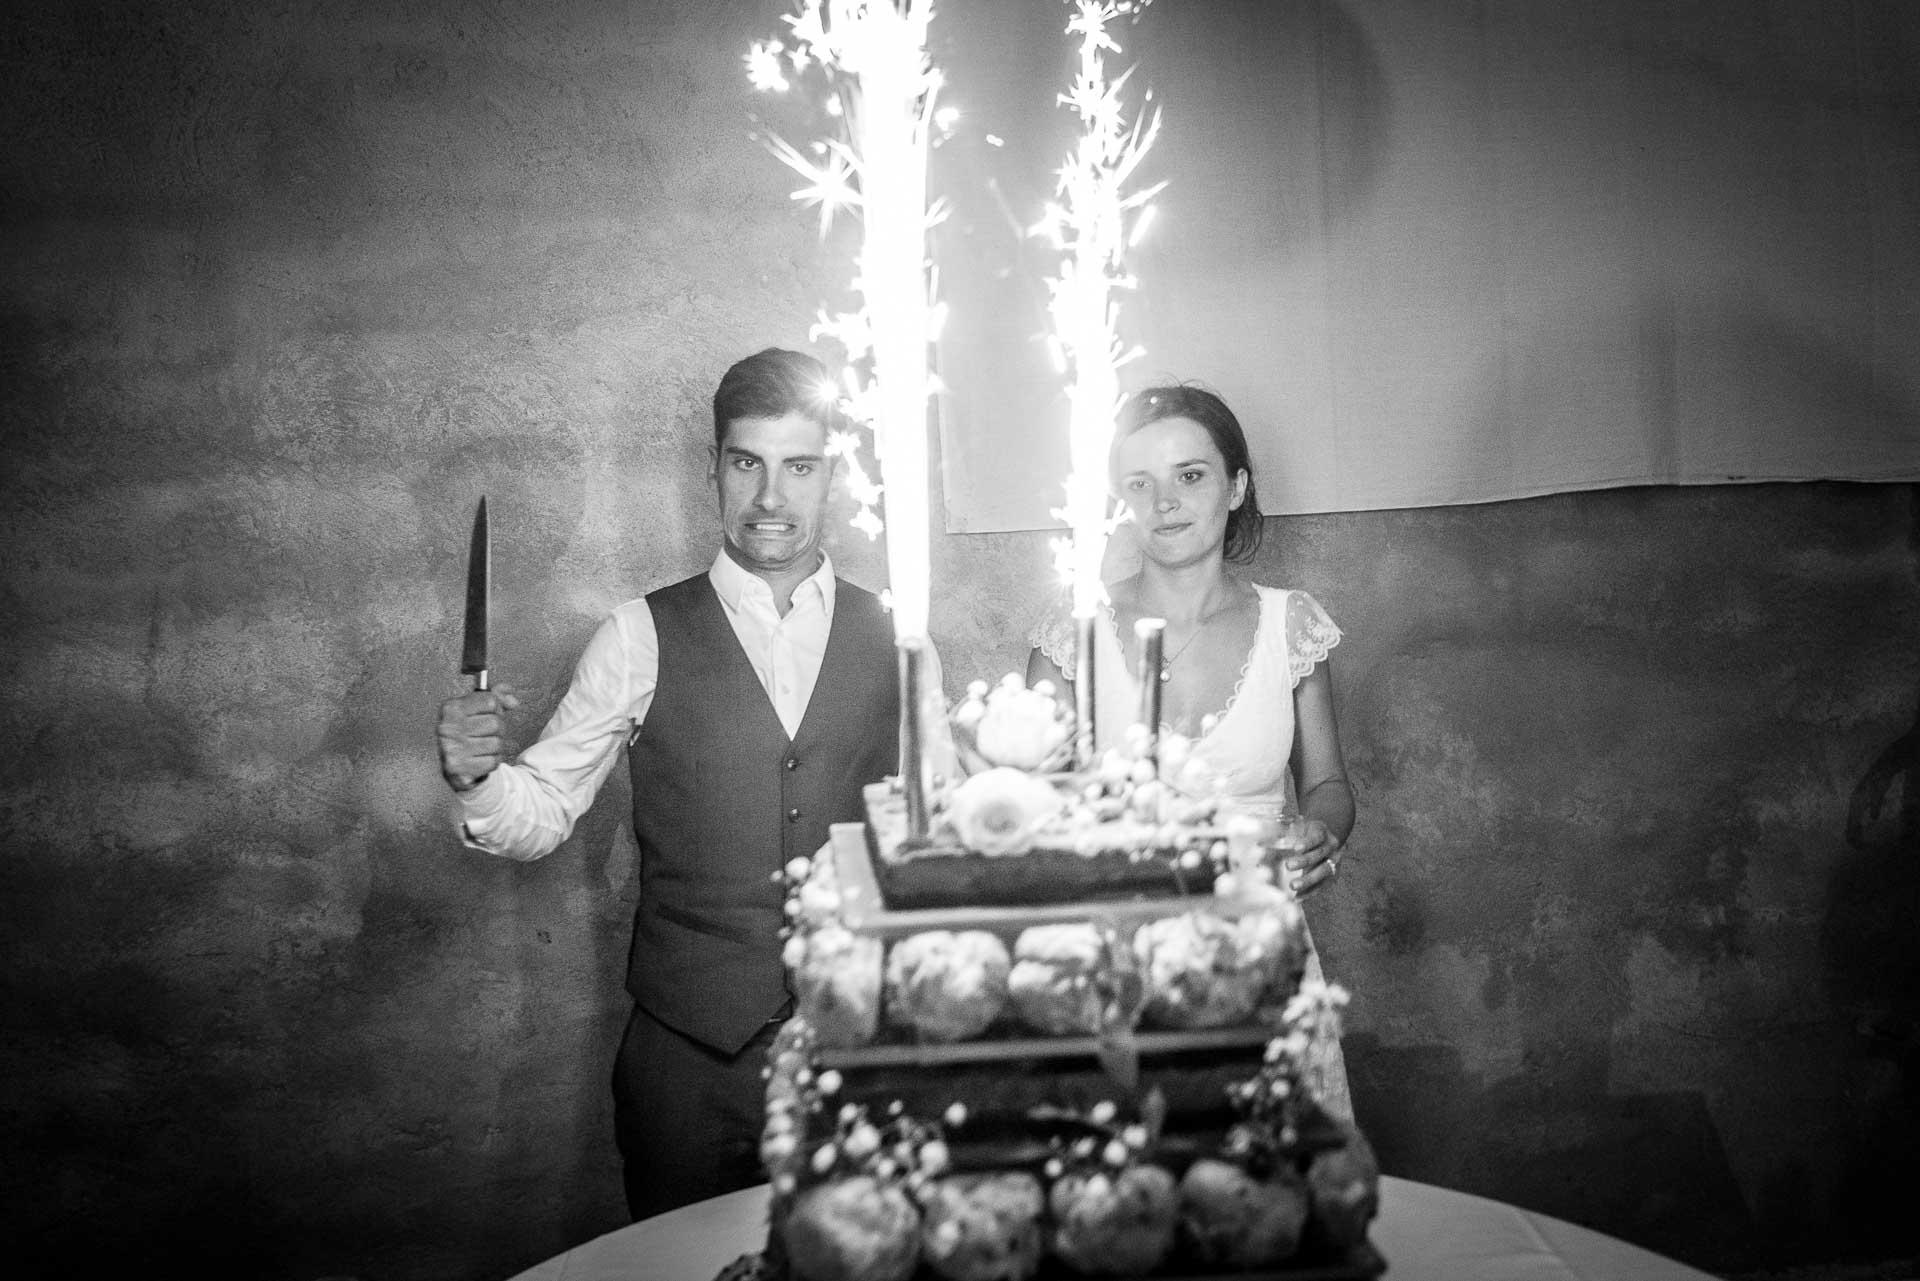 les mariés s'apretent à couper le gâteau de mariage